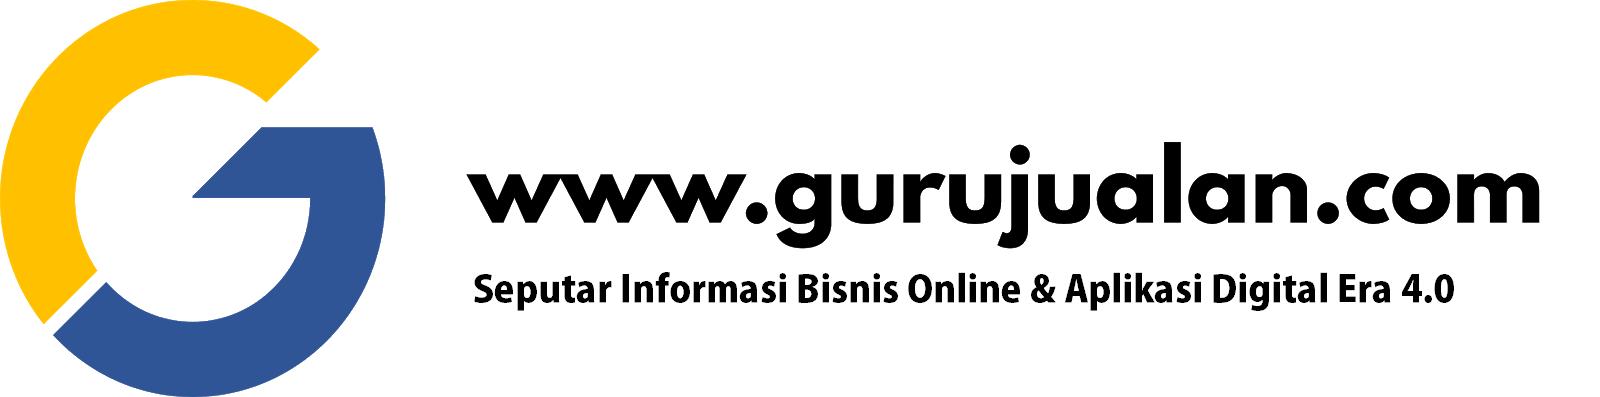 Informasi Seputar Bisnis Dan Aplikasi Digital